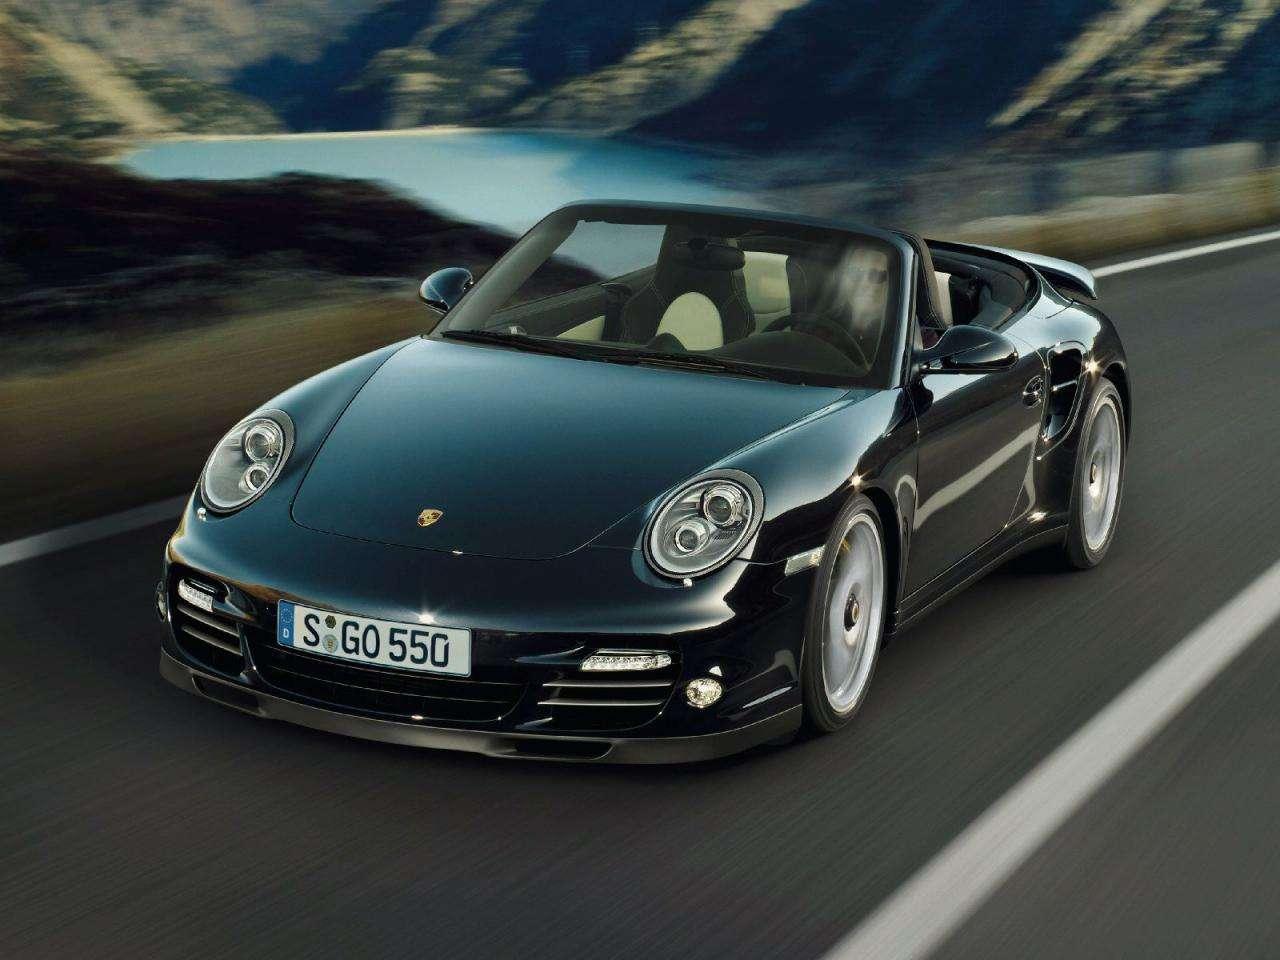 2011 Porsche 911 Turbo S ujawnione 2010